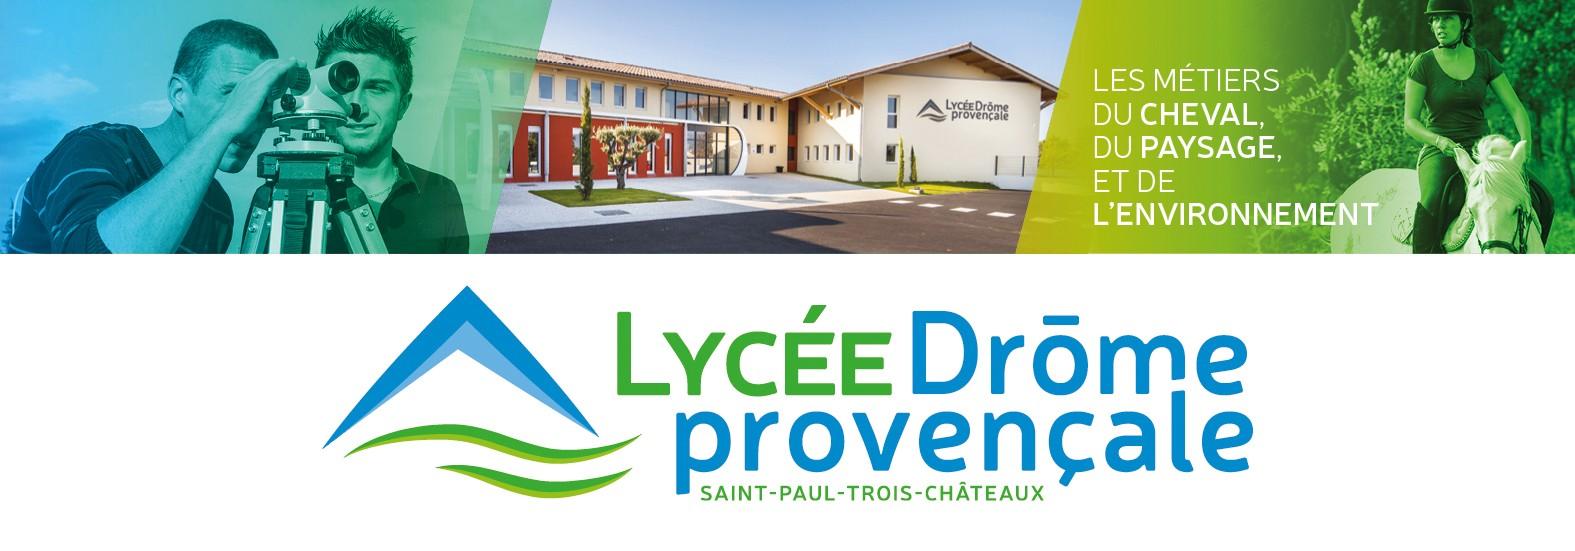 Lycée  Drome Provençale